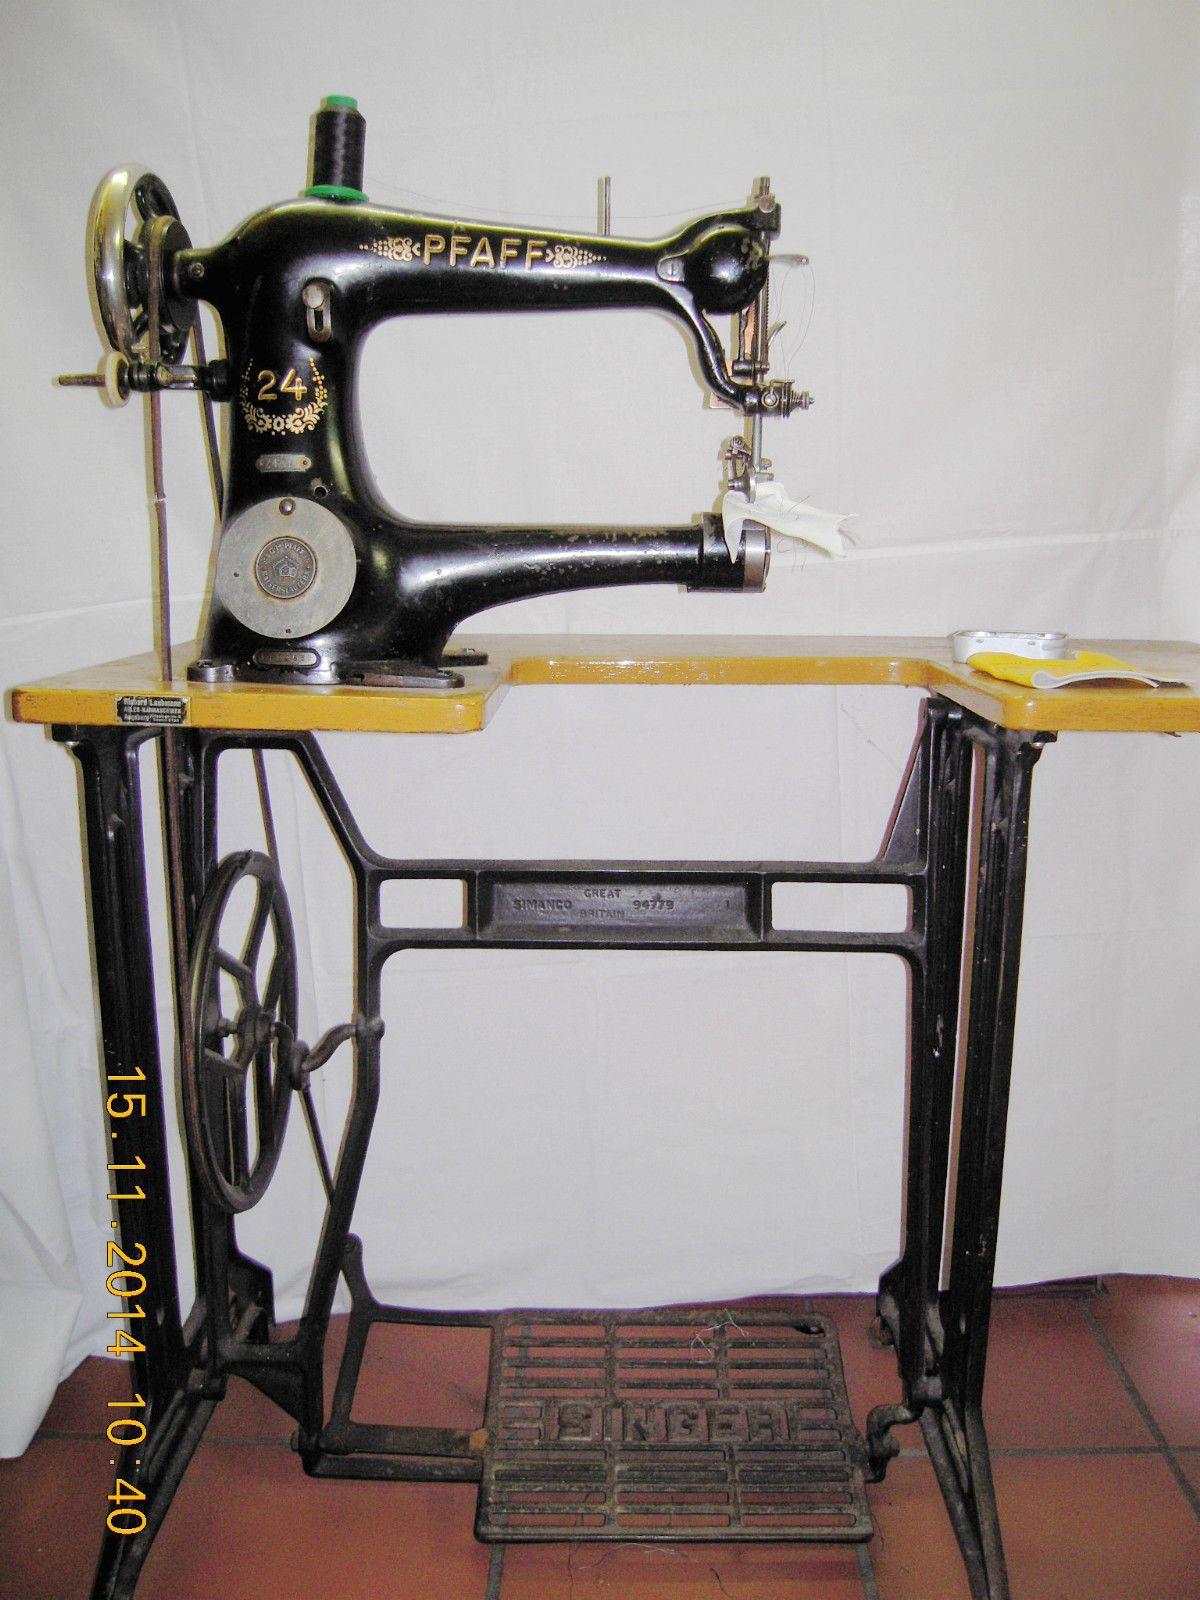 Pfaff Ledernähmaschine Nähmaschine